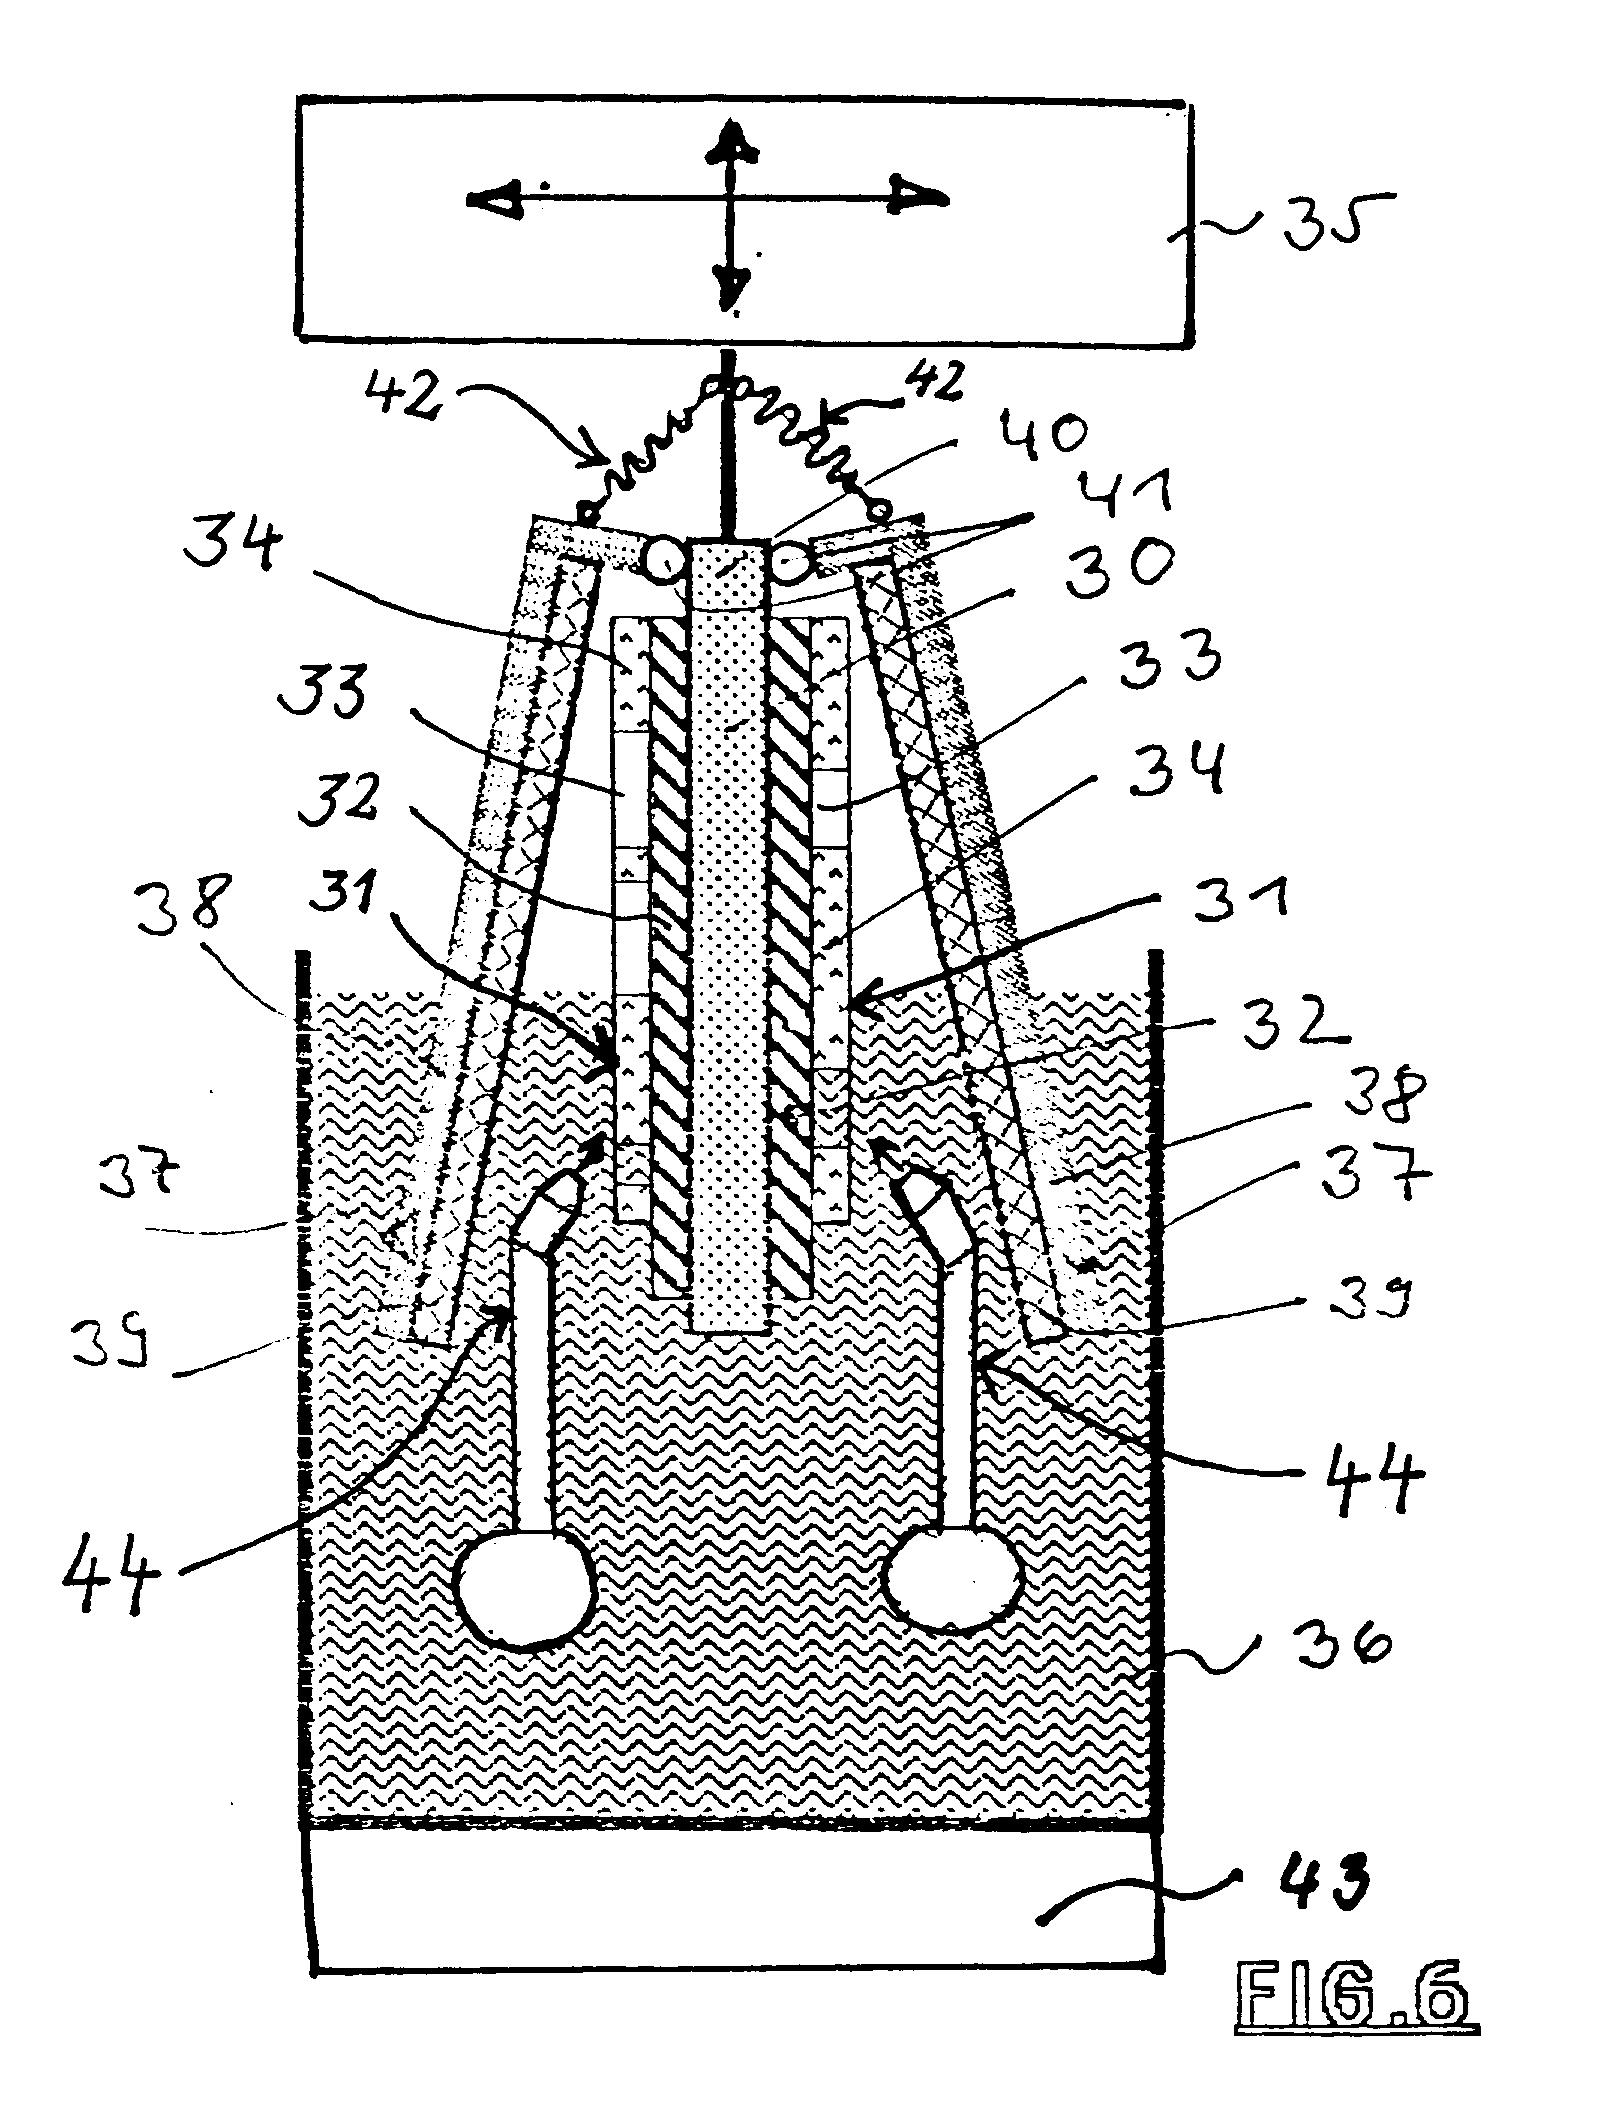 patent ep0336232b1 - method for dip-soldering printed-circuit boards